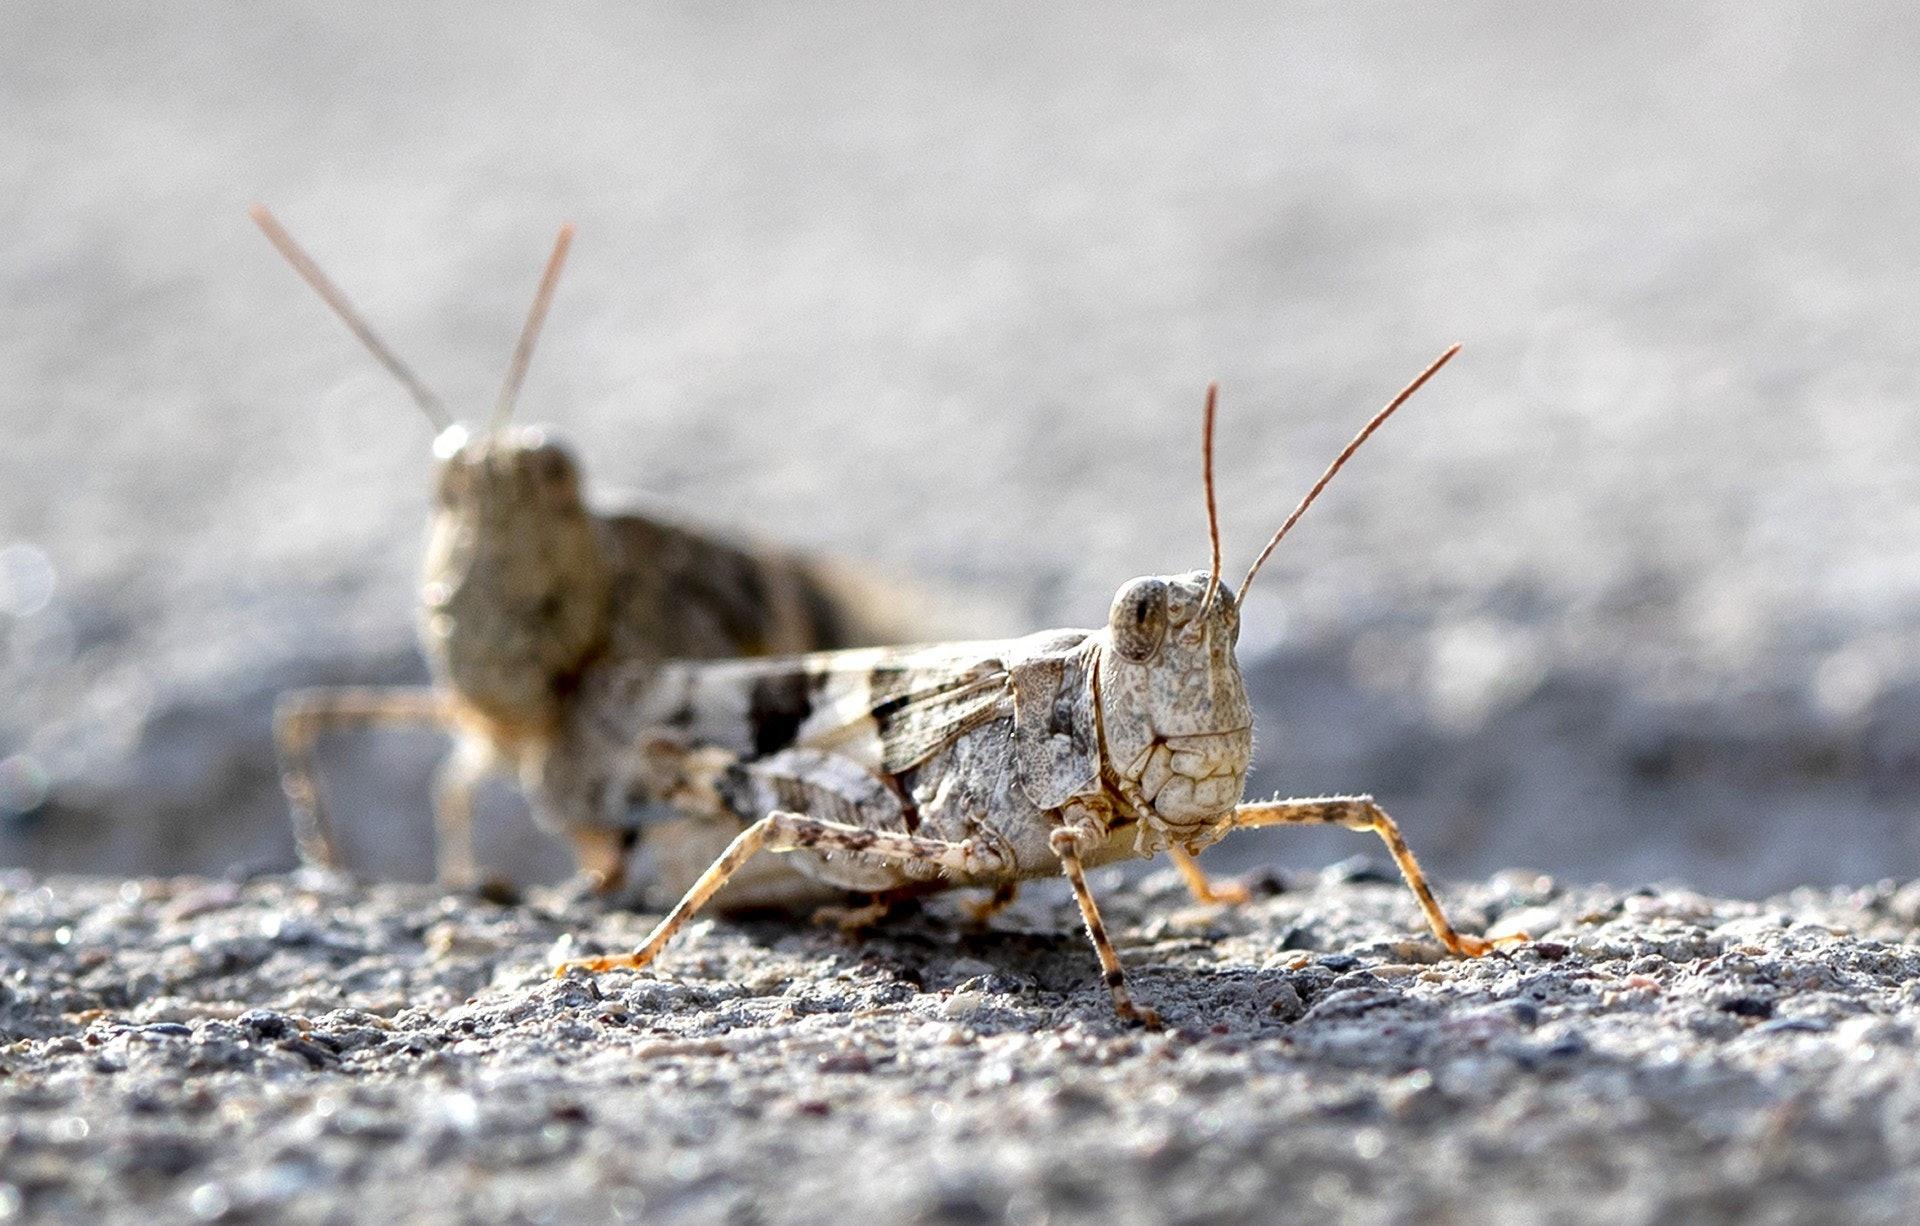 成千上萬隻蝗蟲不停在半空中飛來飛去,引起很多人恐慌。(美聯社)